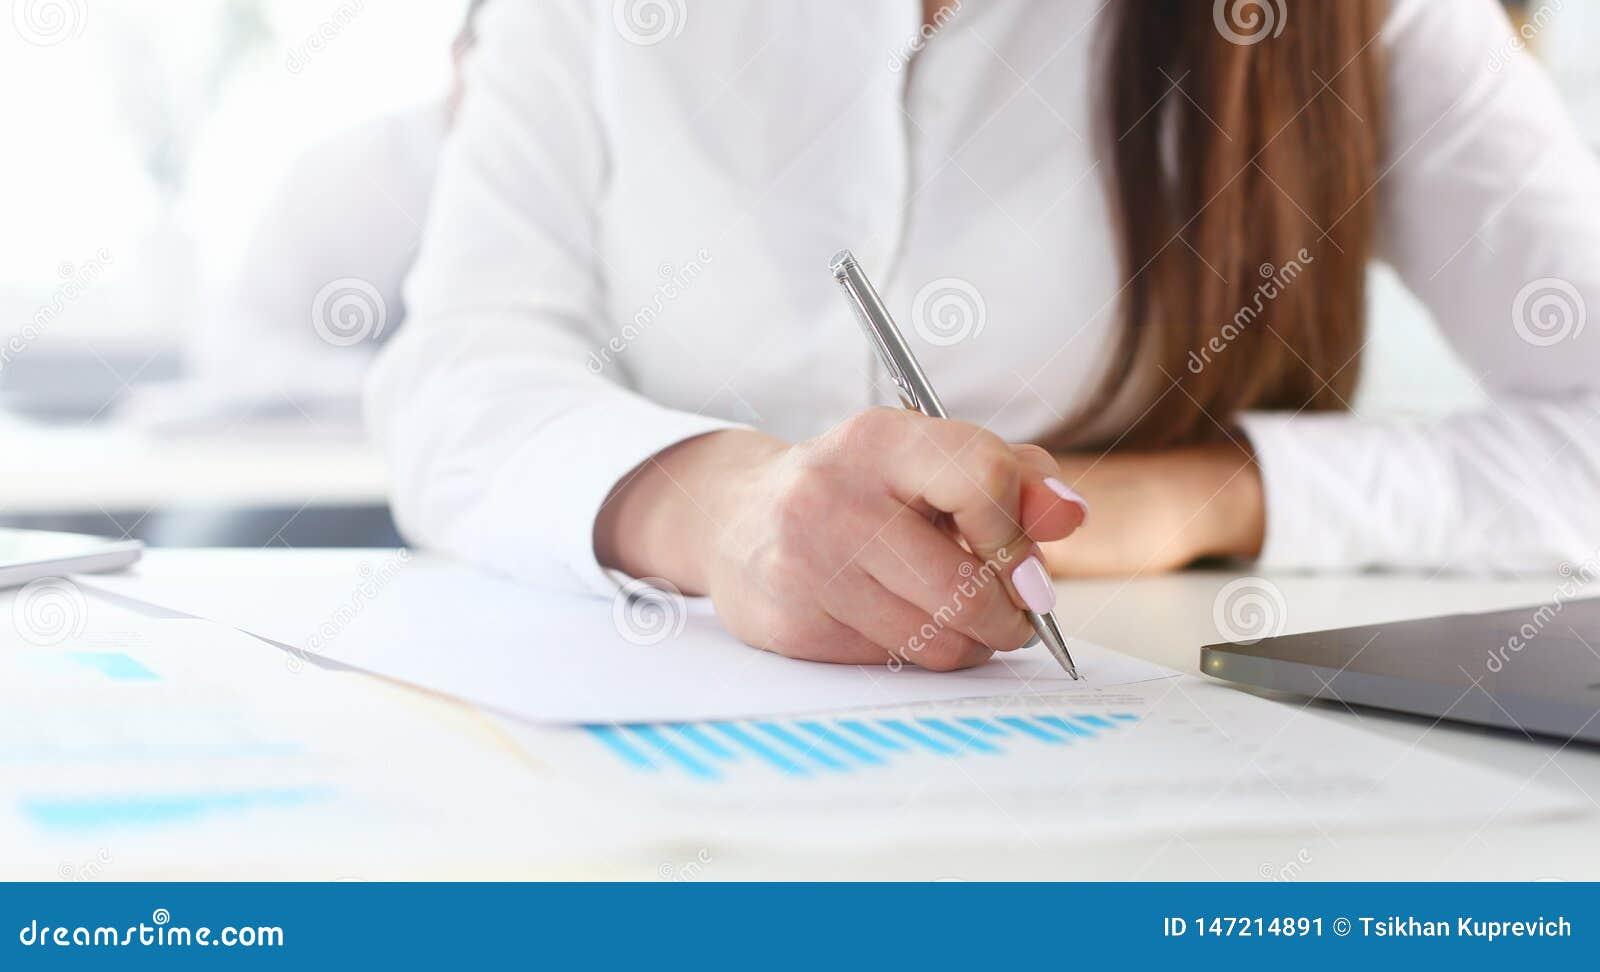 Kvinnlig arm i penna och block f?r dr?kth?llsilver